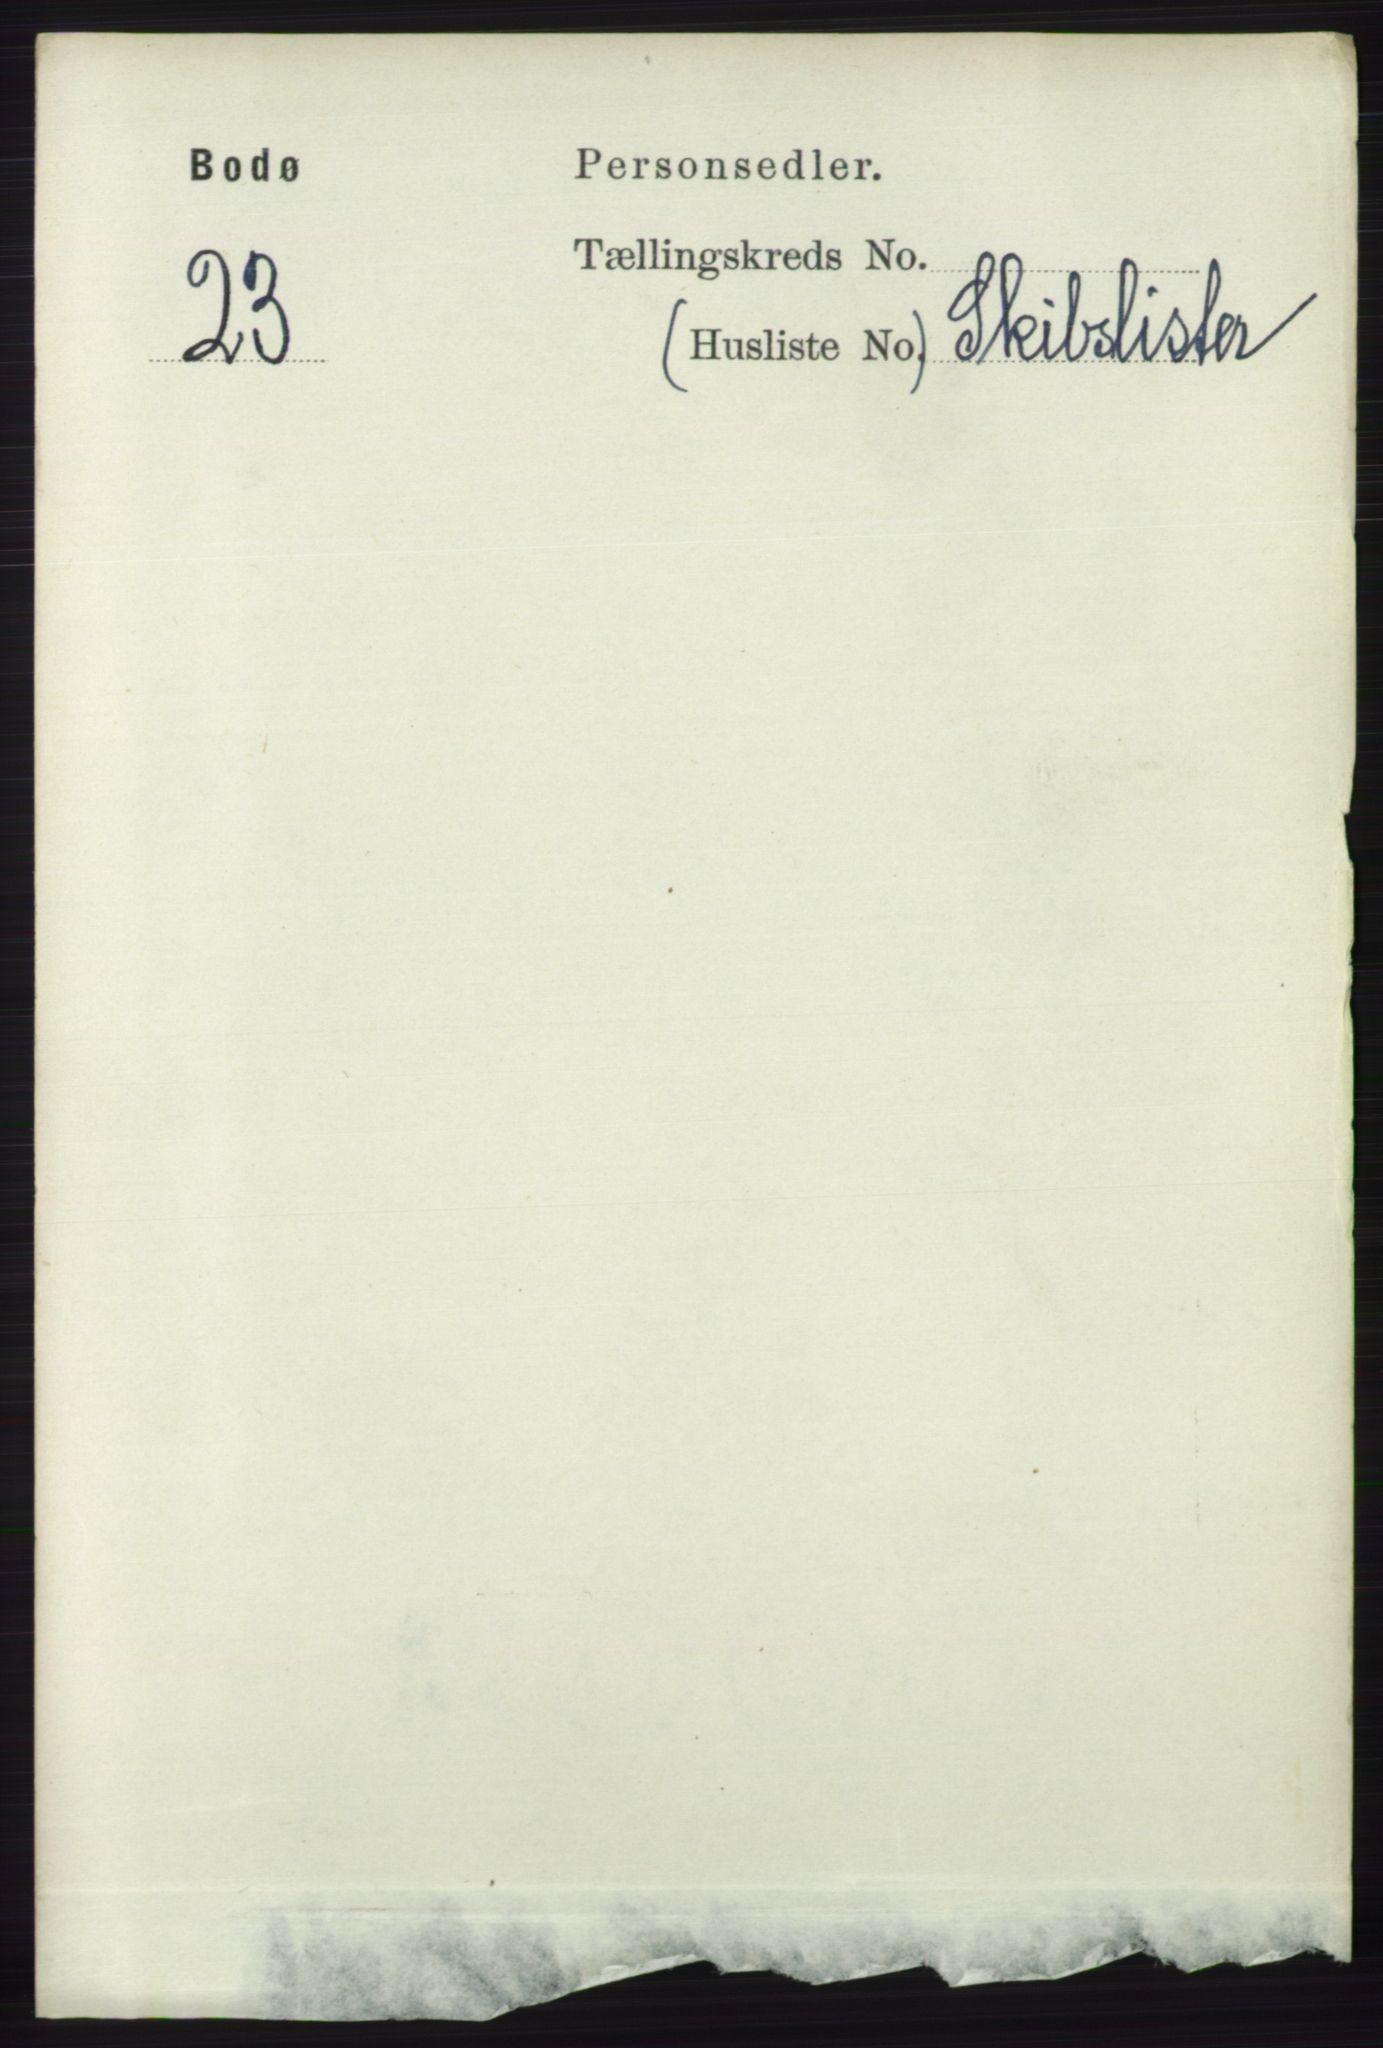 RA, Folketelling 1891 for 1804 Bodø kjøpstad, 1891, s. 4527